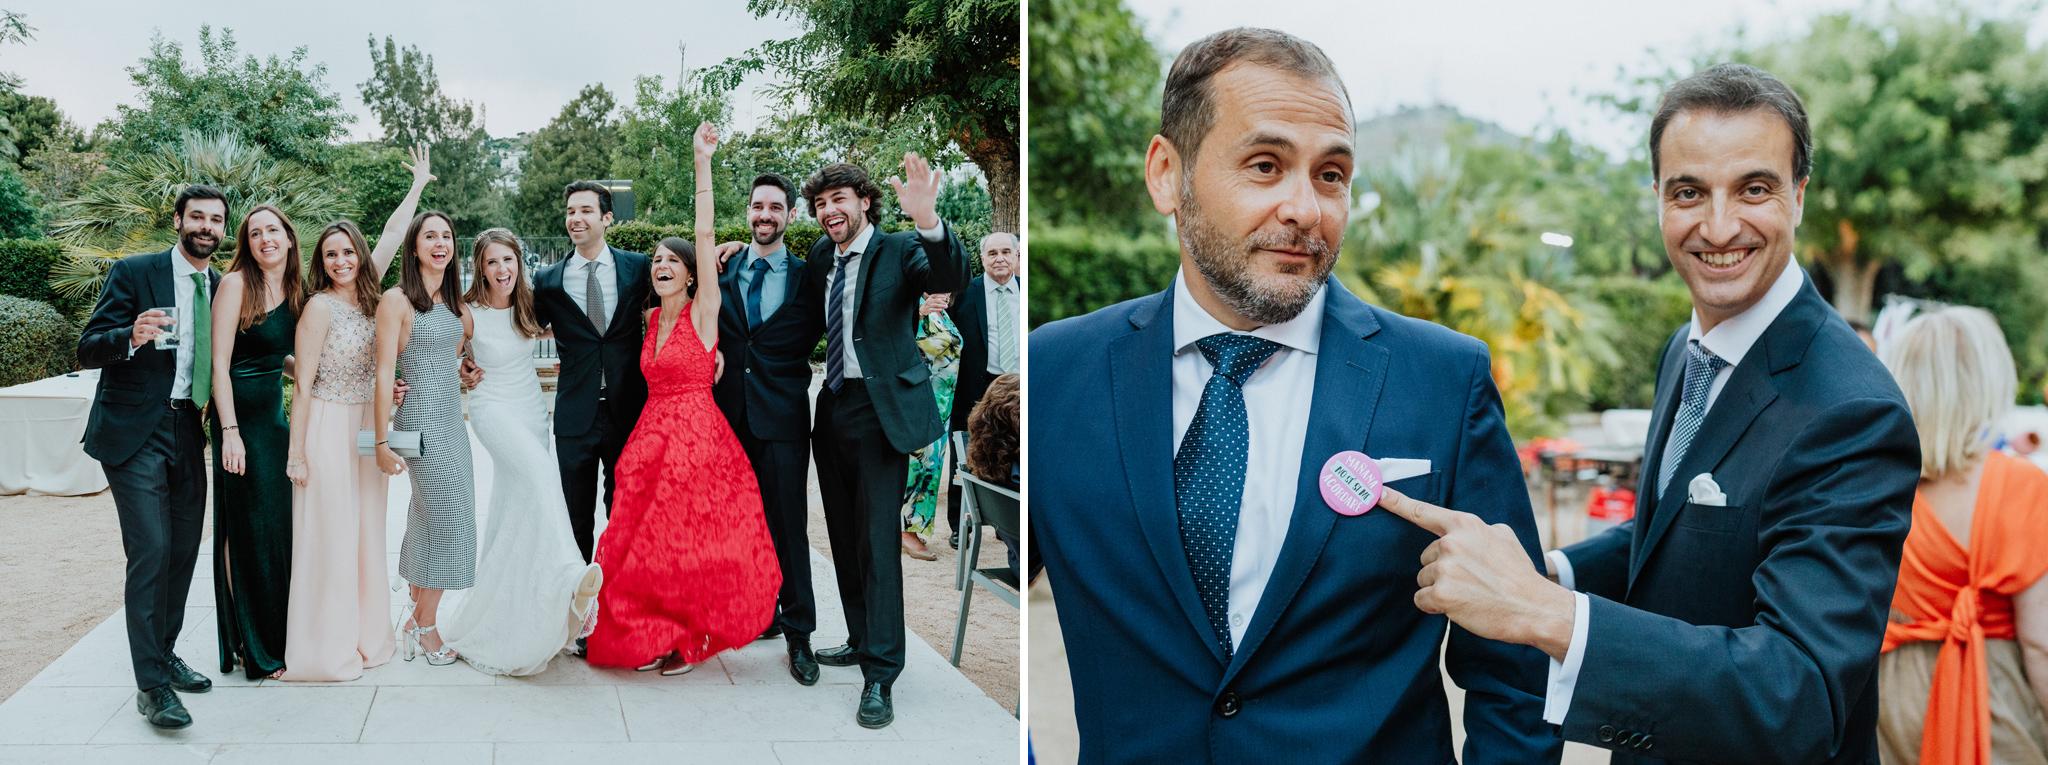 fotografia bodas torre dels lleons0075.jpg